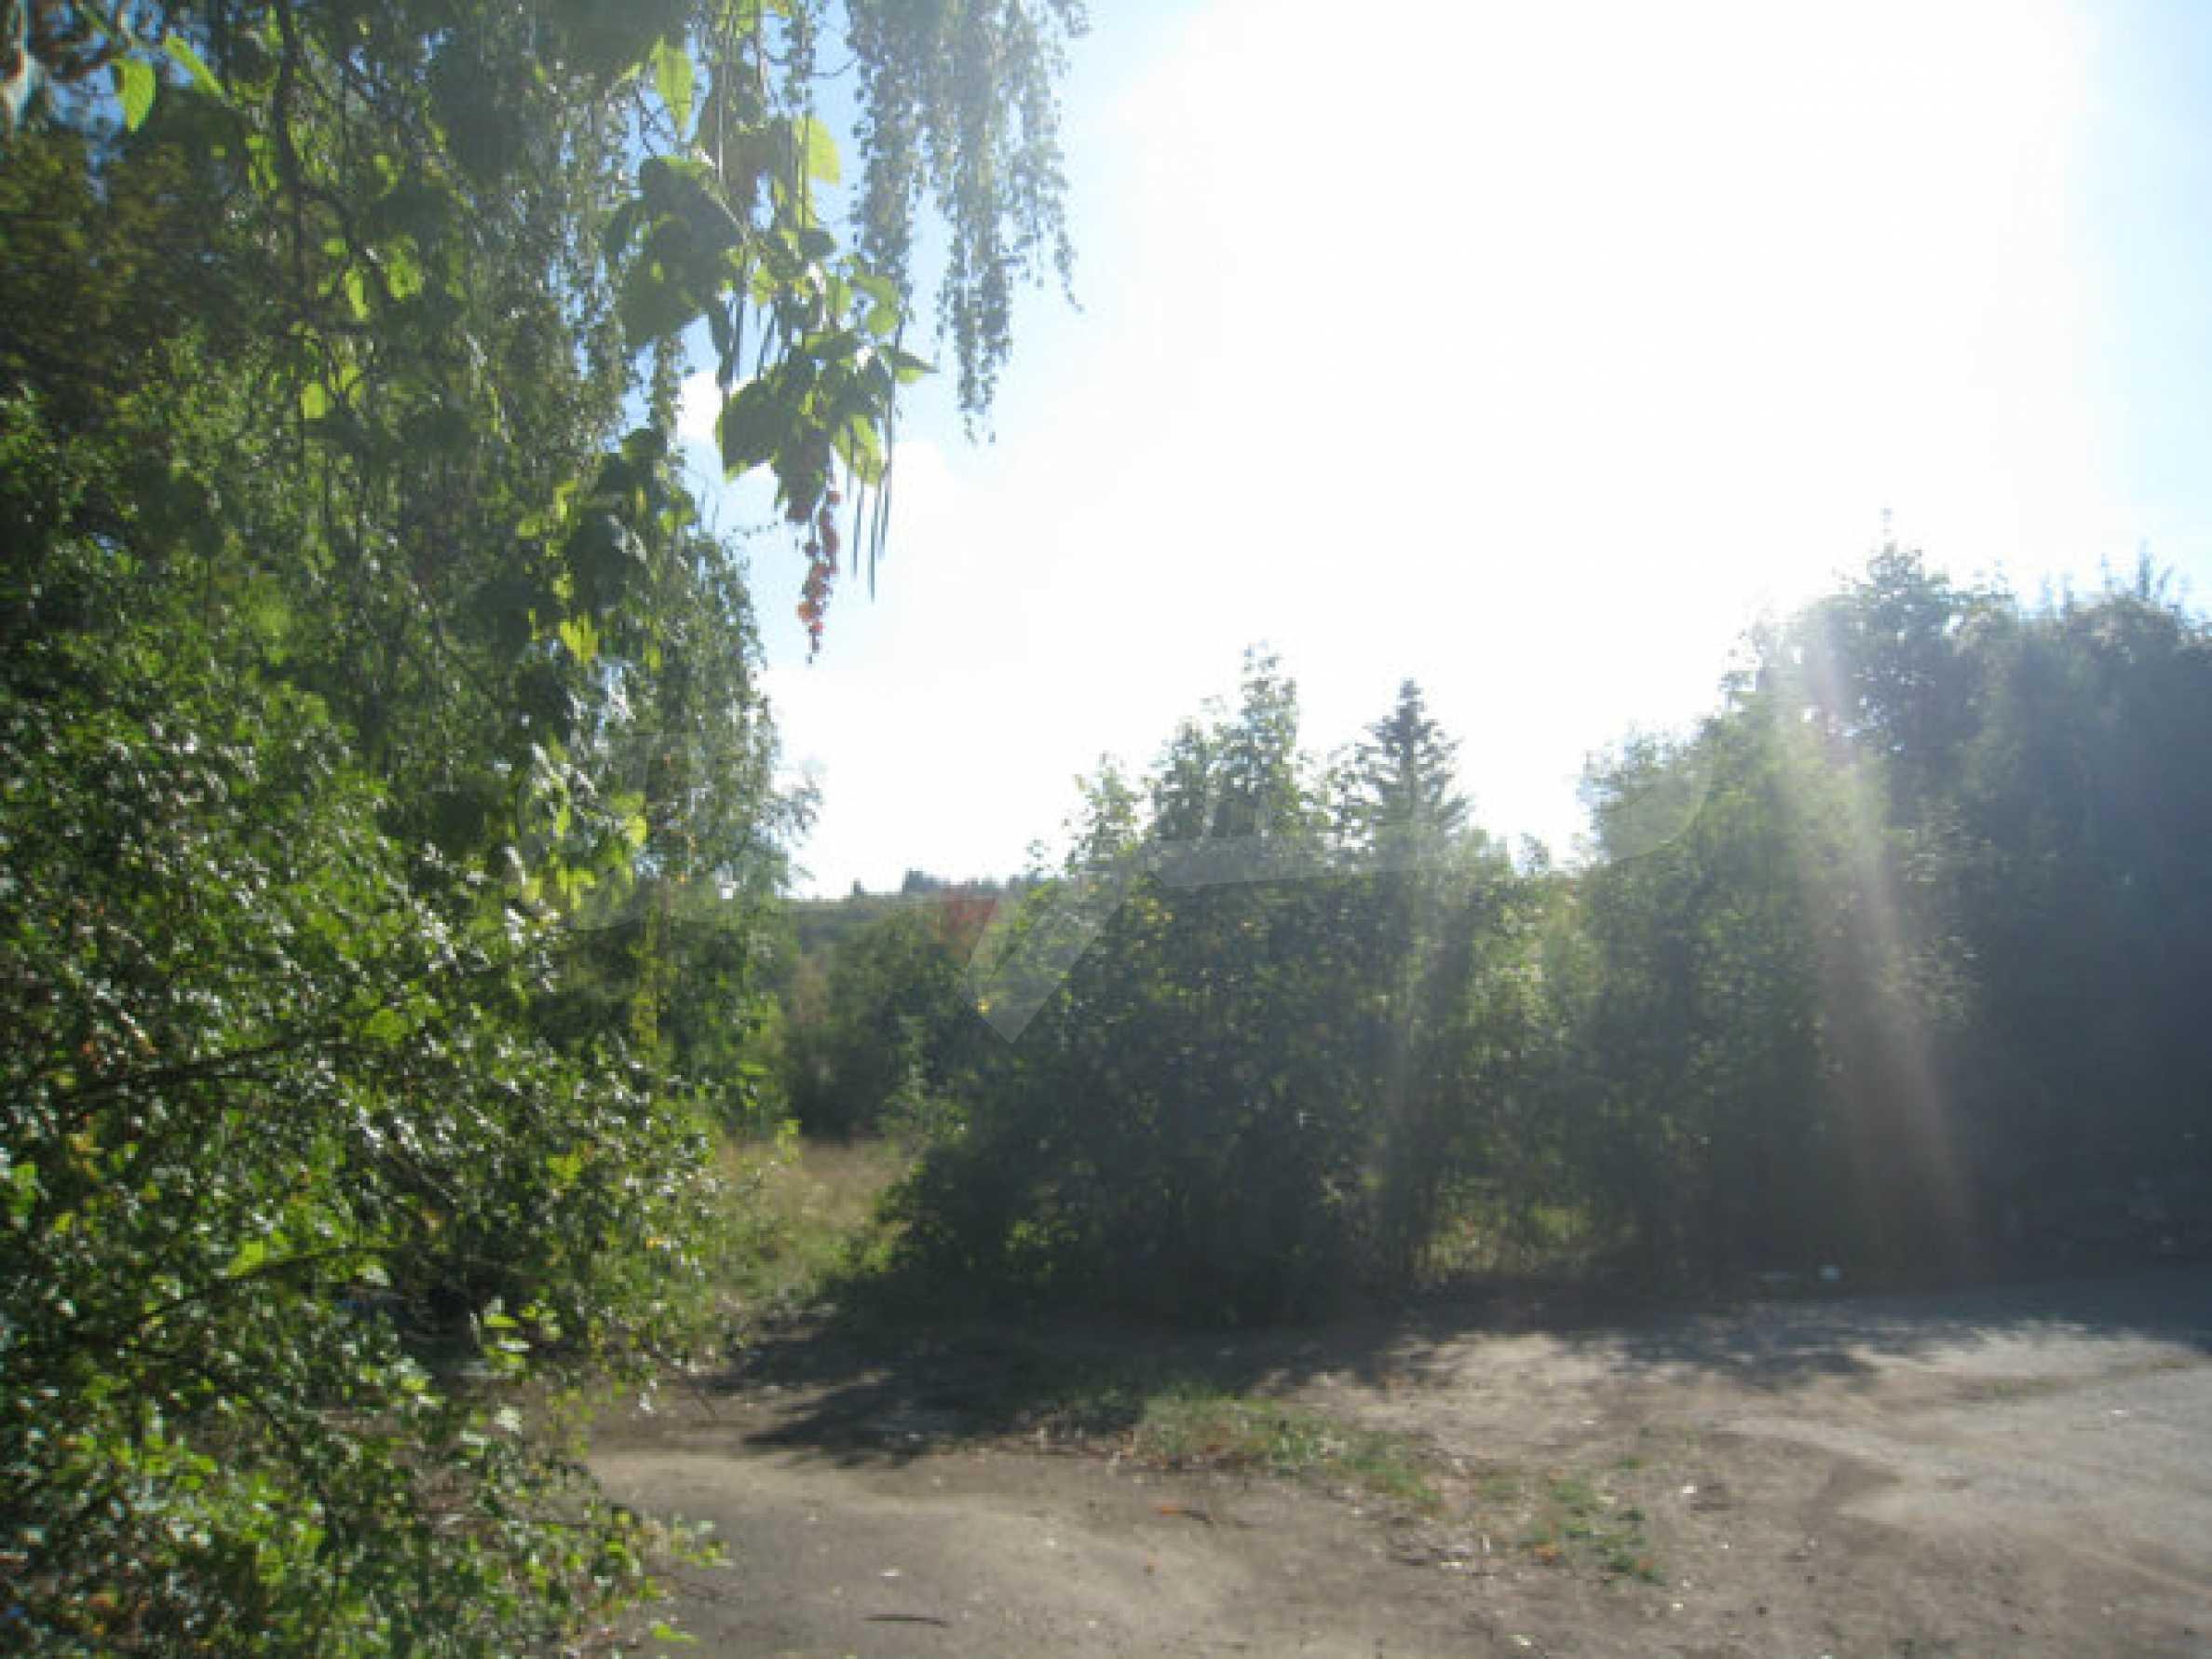 Großes reguliertes Grundstück für den Bau eines Privatgrundstücks in der Nähe von Sofia 10